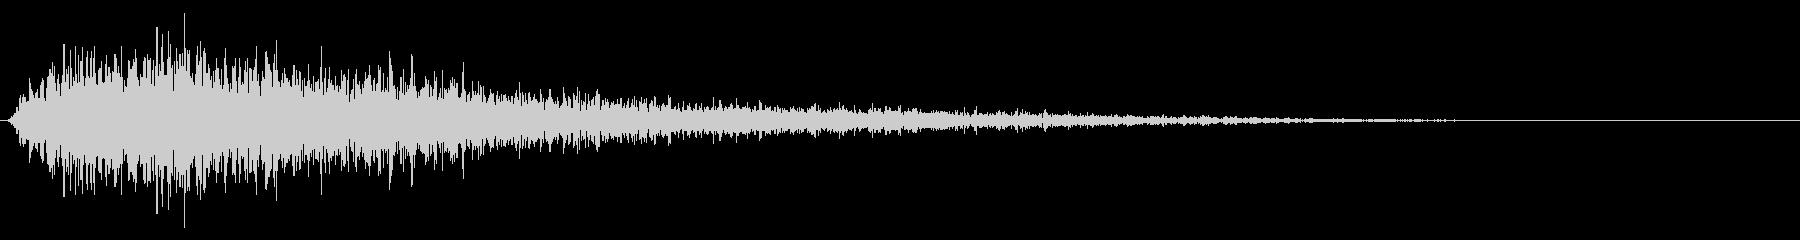 ゴージャスな決定音7の未再生の波形